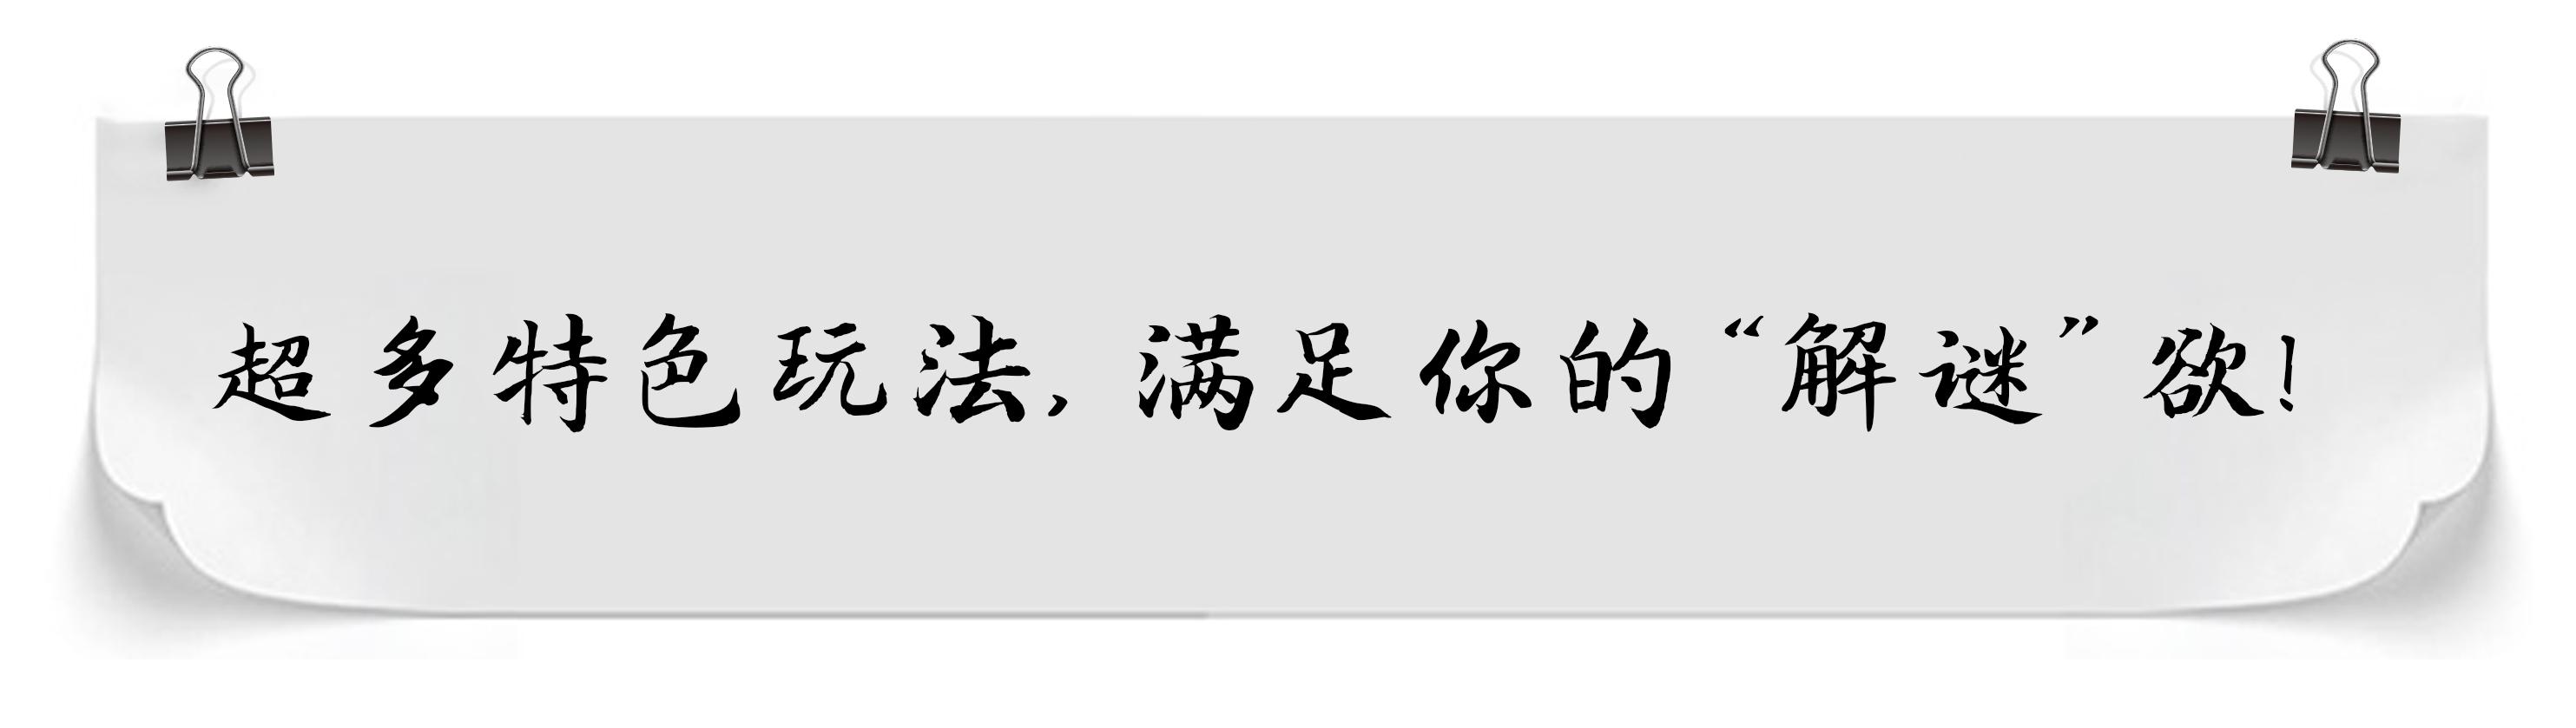 """标题3超多特色玩法,满足你的""""解谜""""欲!.jpg"""